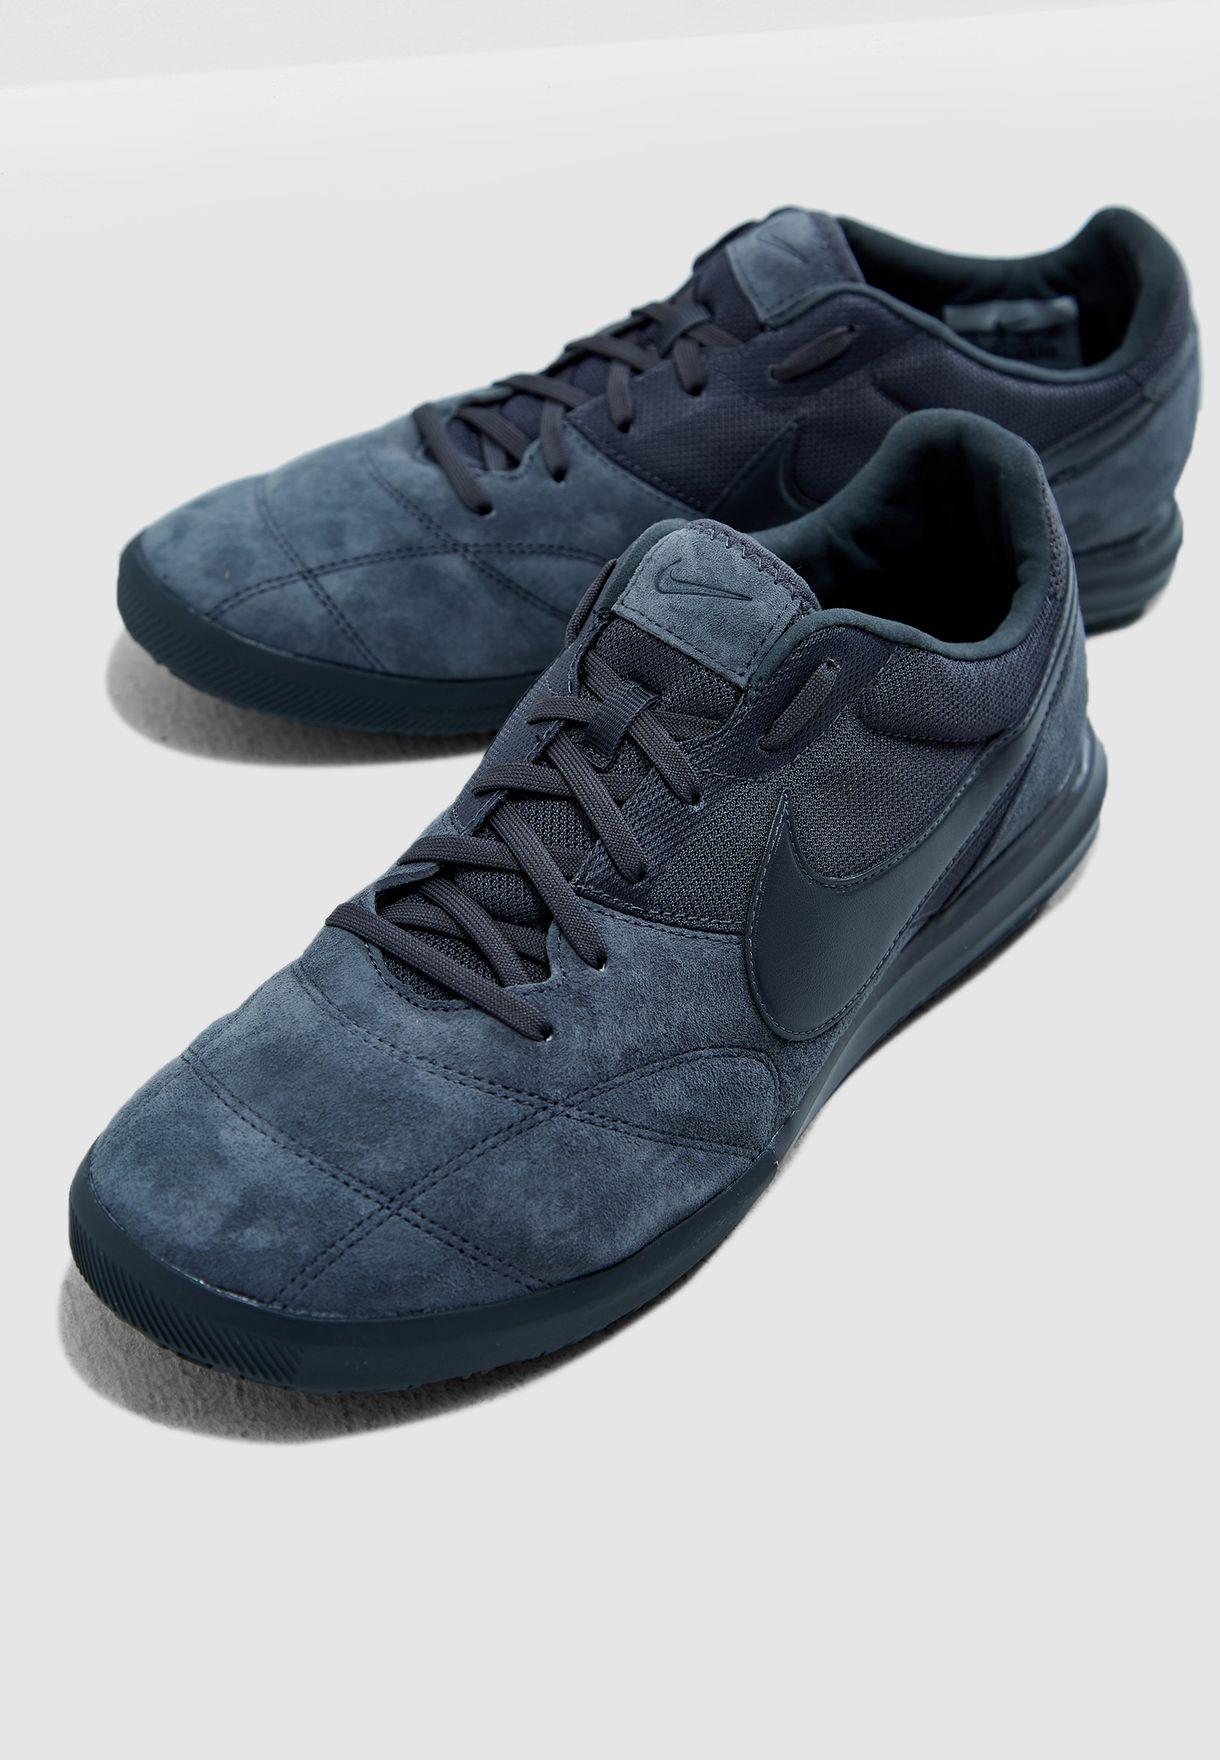 fca140e54 Shop Nike grey The Premier II Sala AV3153-001 for Men in Saudi ...